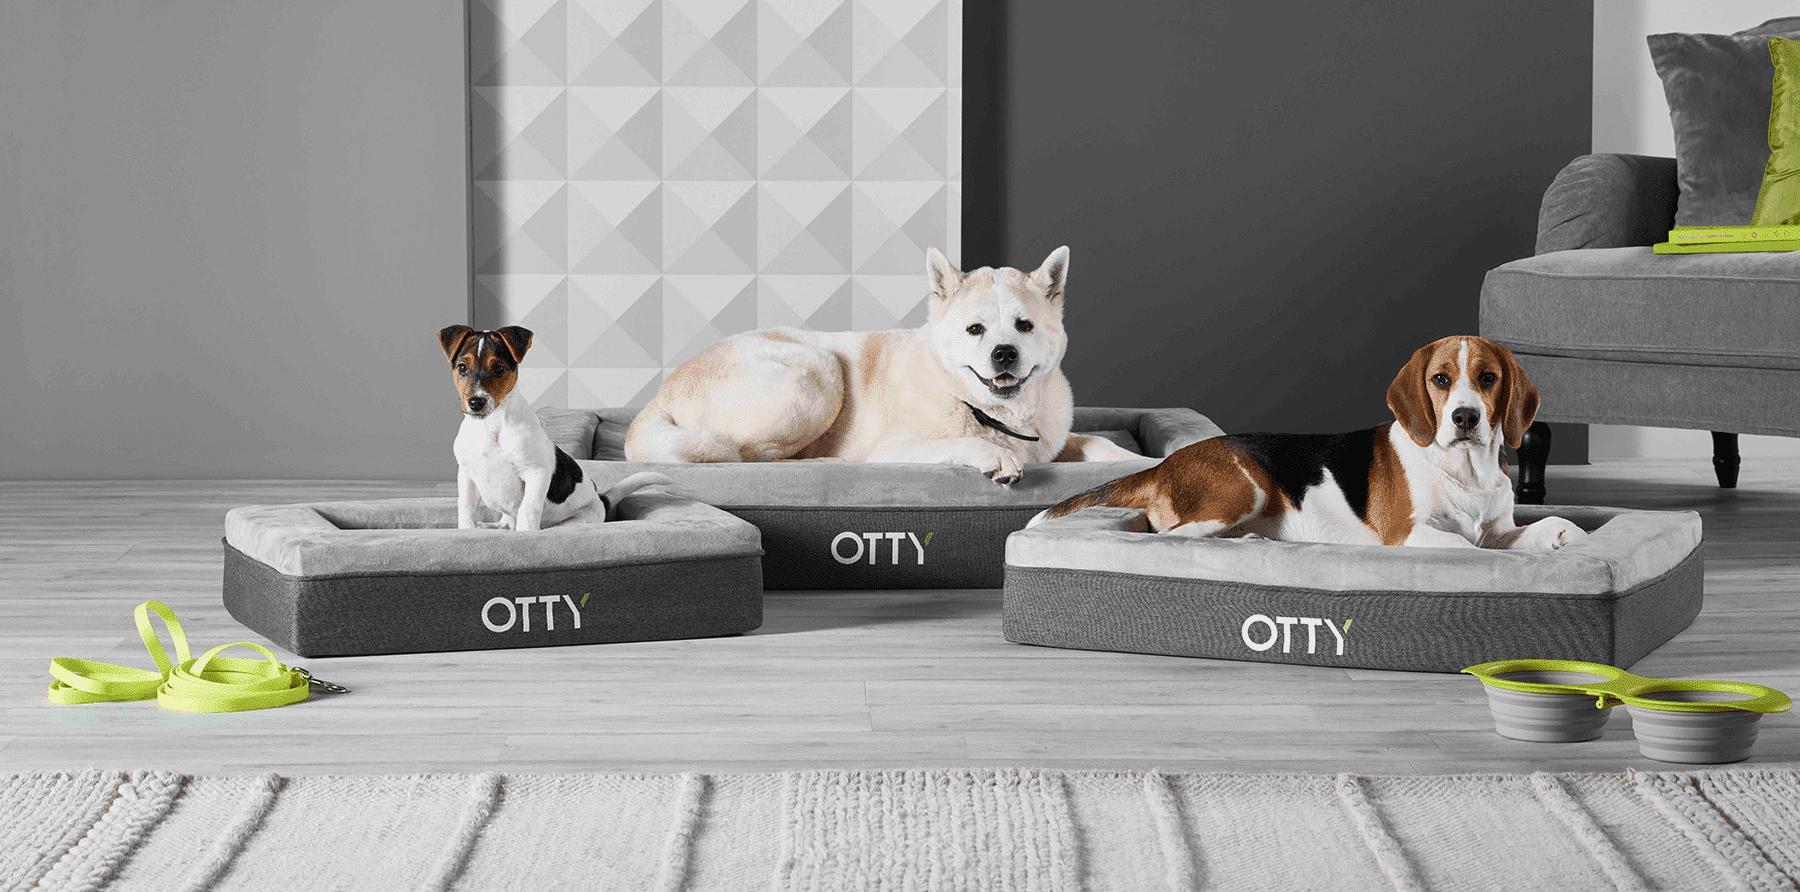 OTTY Pet Bed, Large (114x89x14cm)